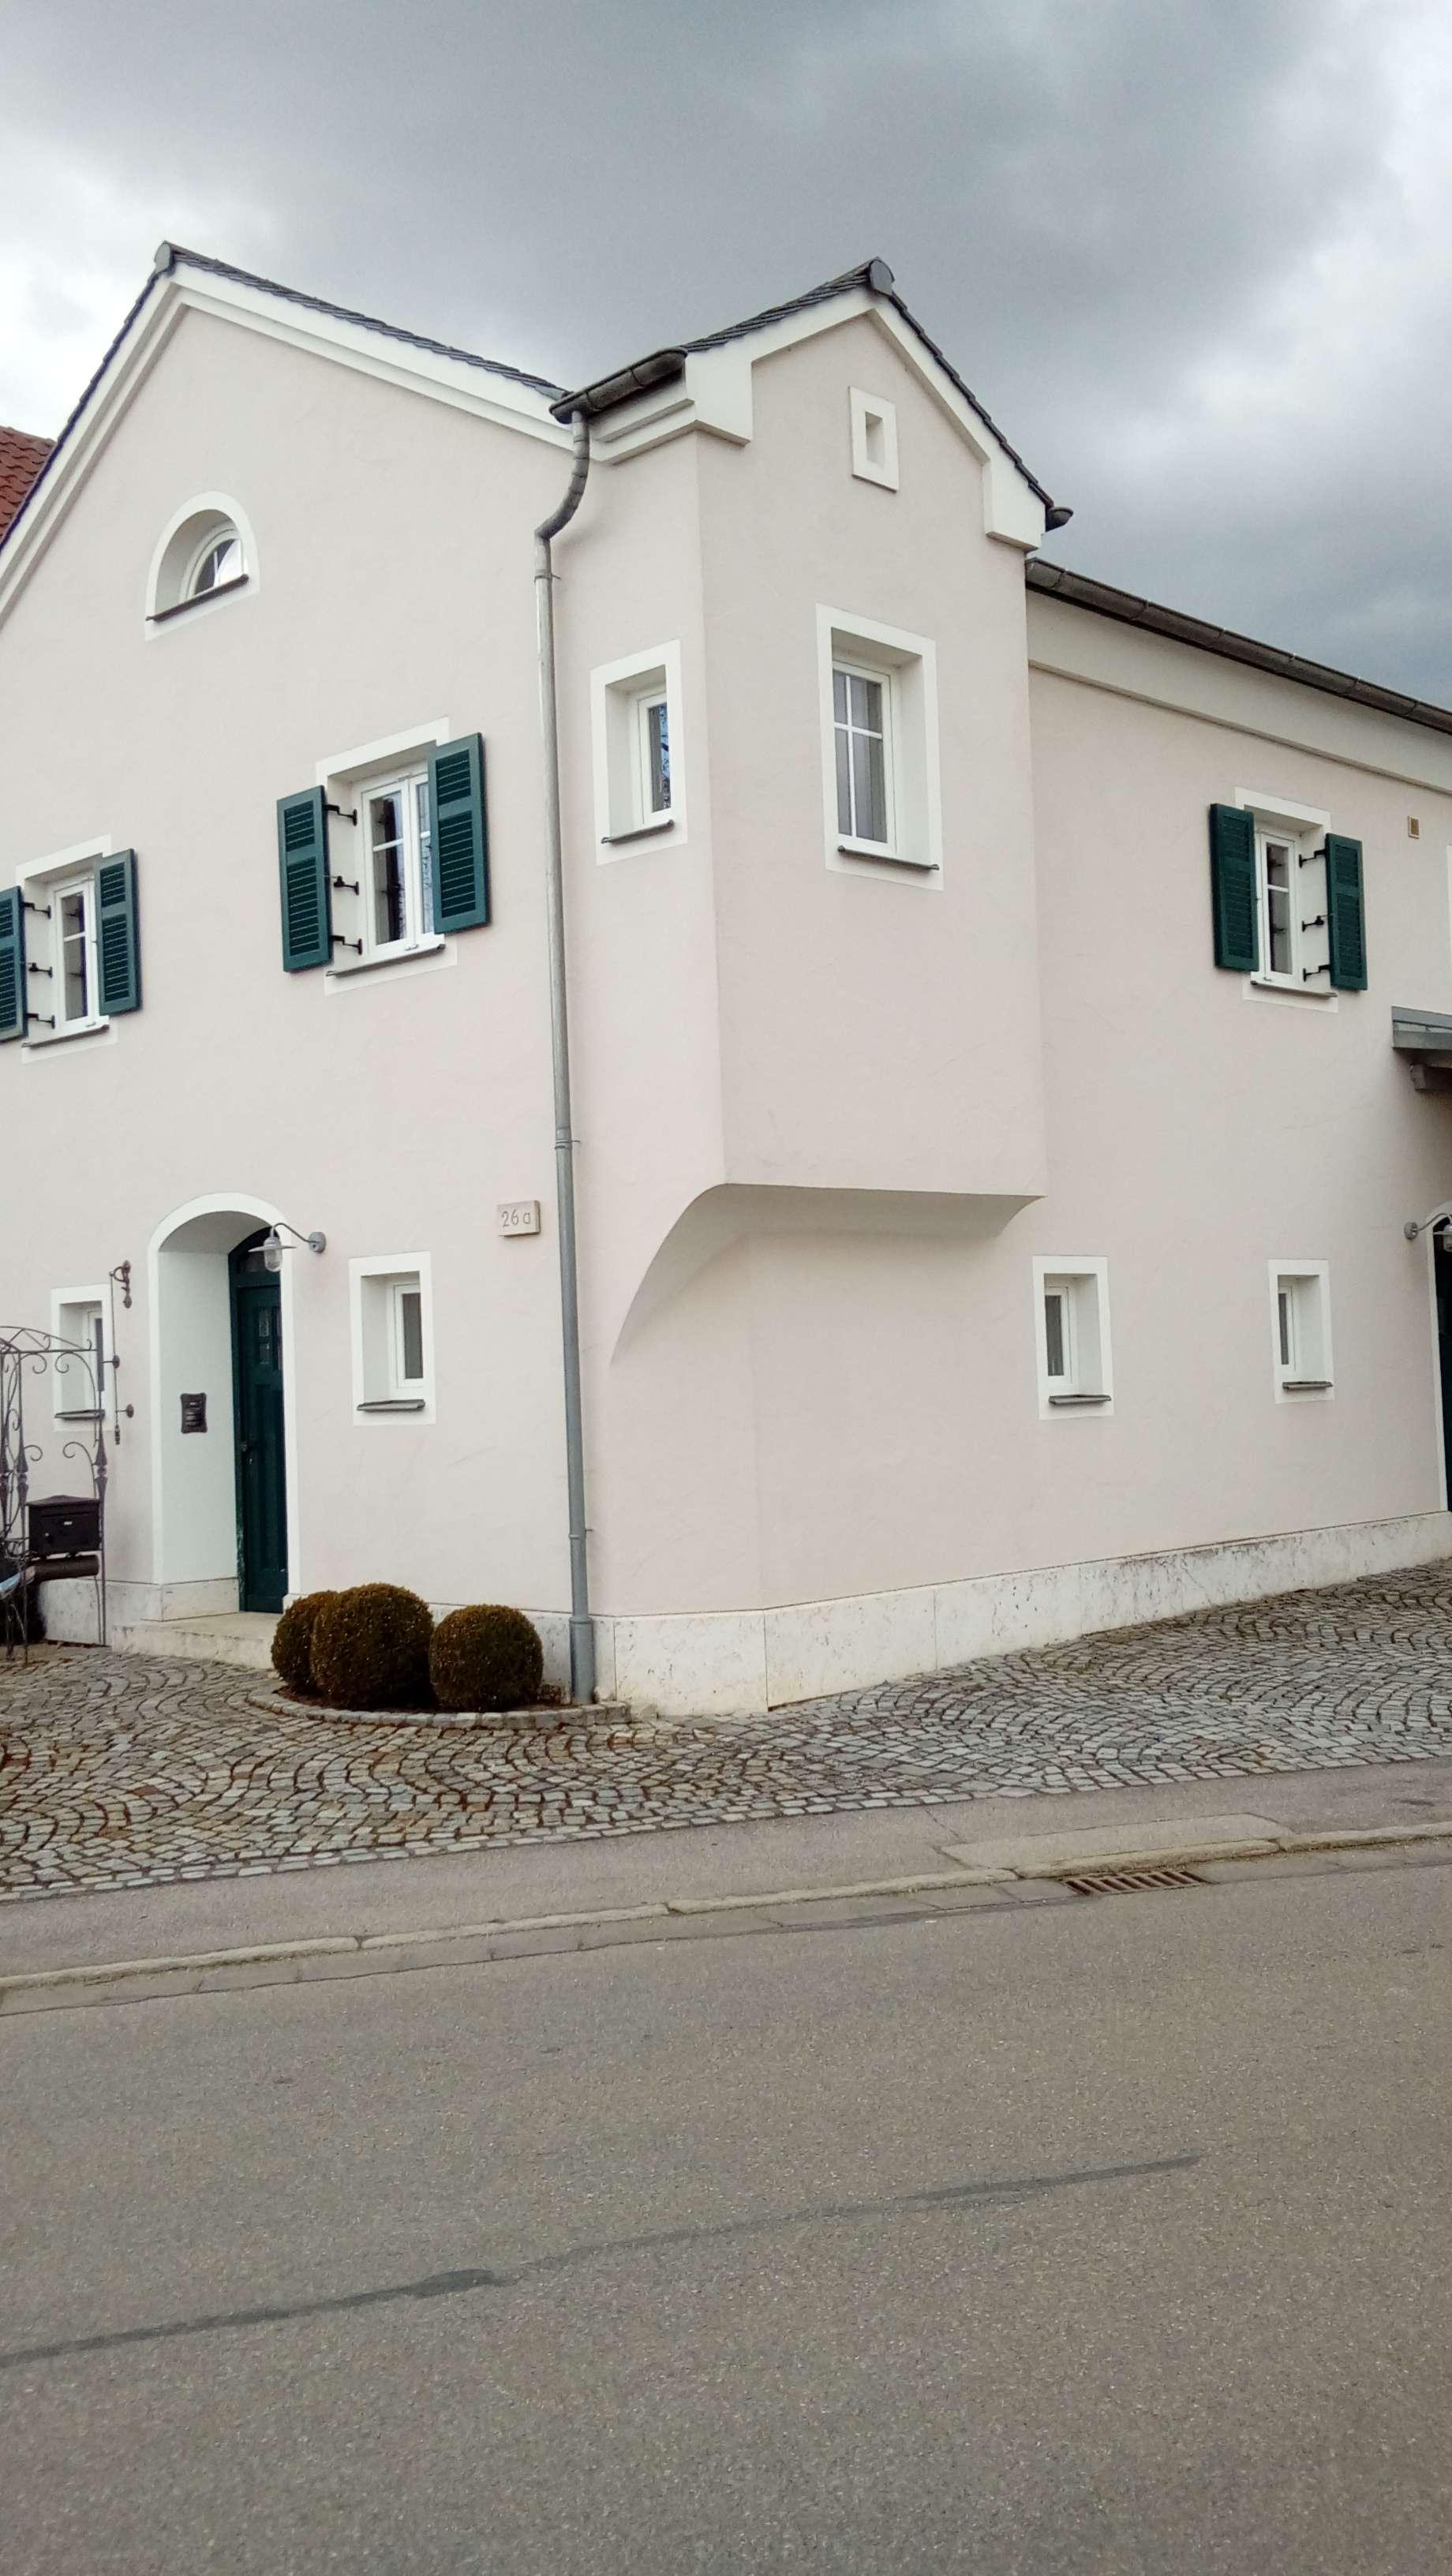 Schöne vier Zimmer Wohnung in Eichstätt (Kreis), Beilngries in